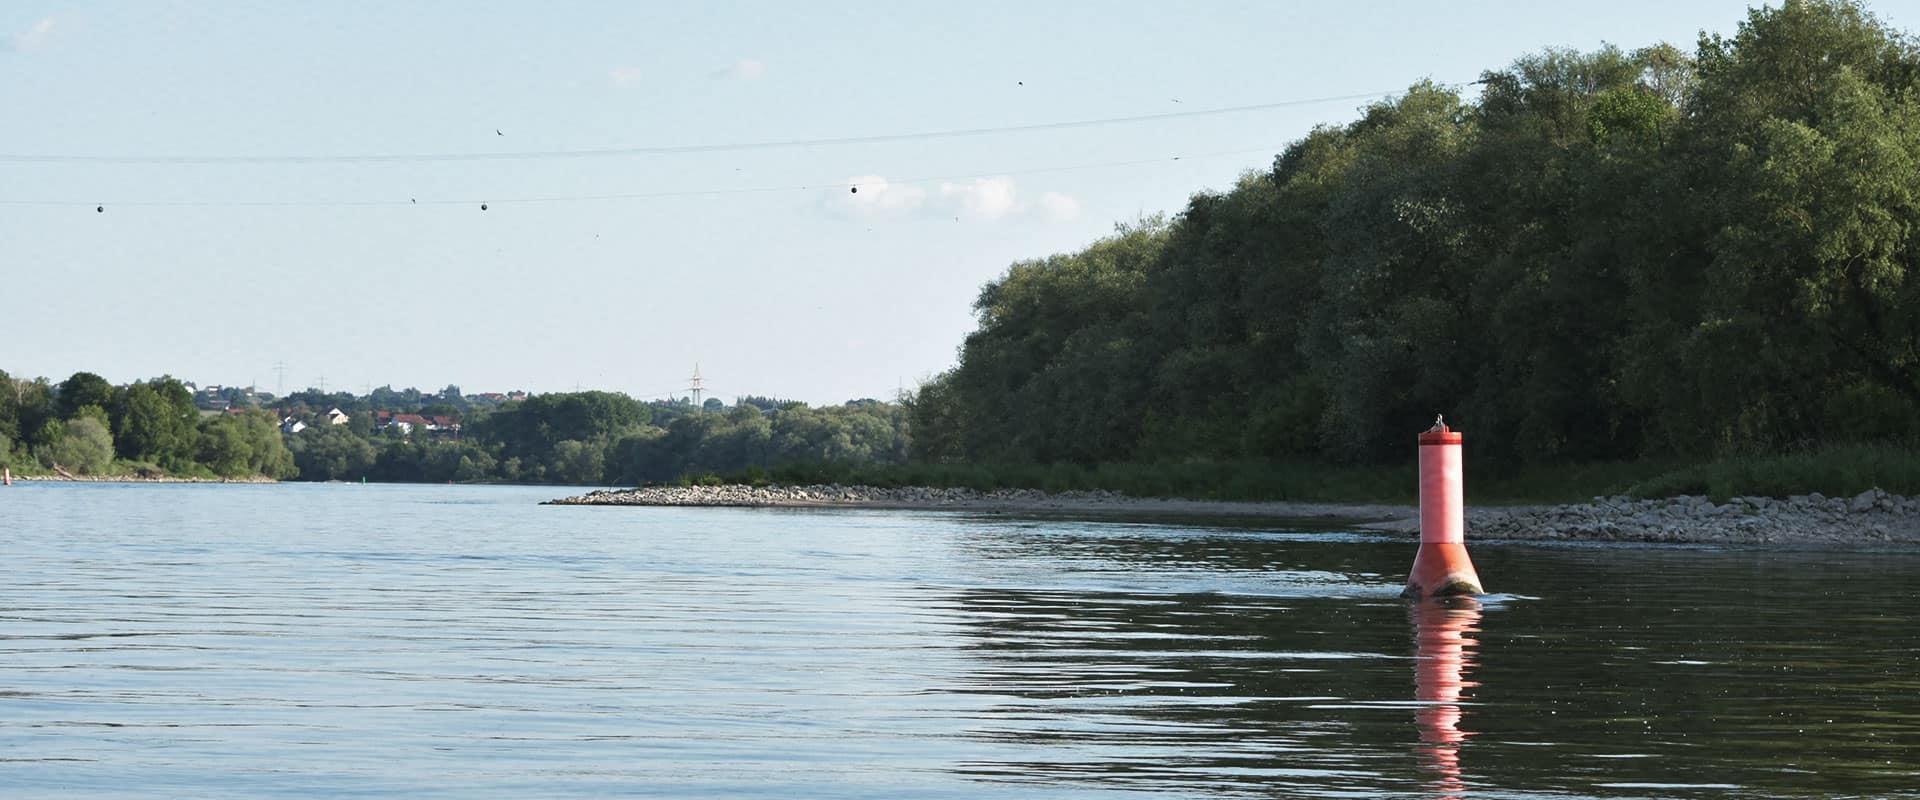 Zanderangeln an der Donau